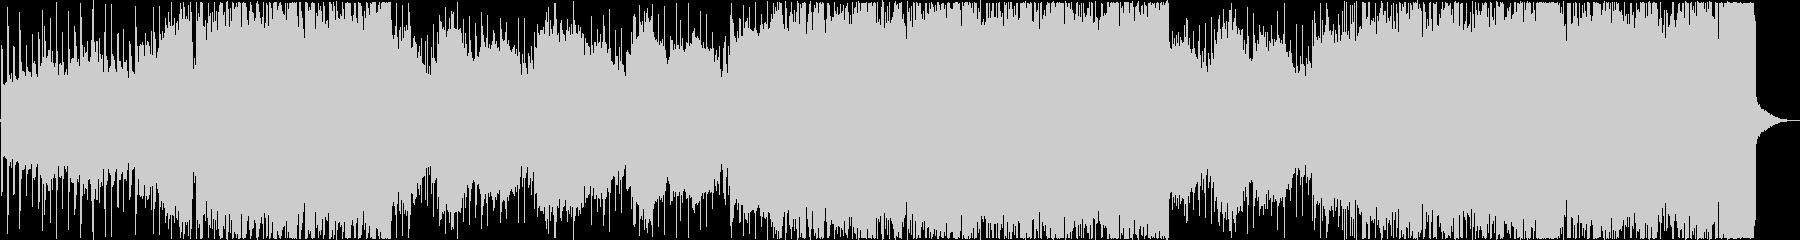 陽気でエネルギッシュなインディーロ...の未再生の波形